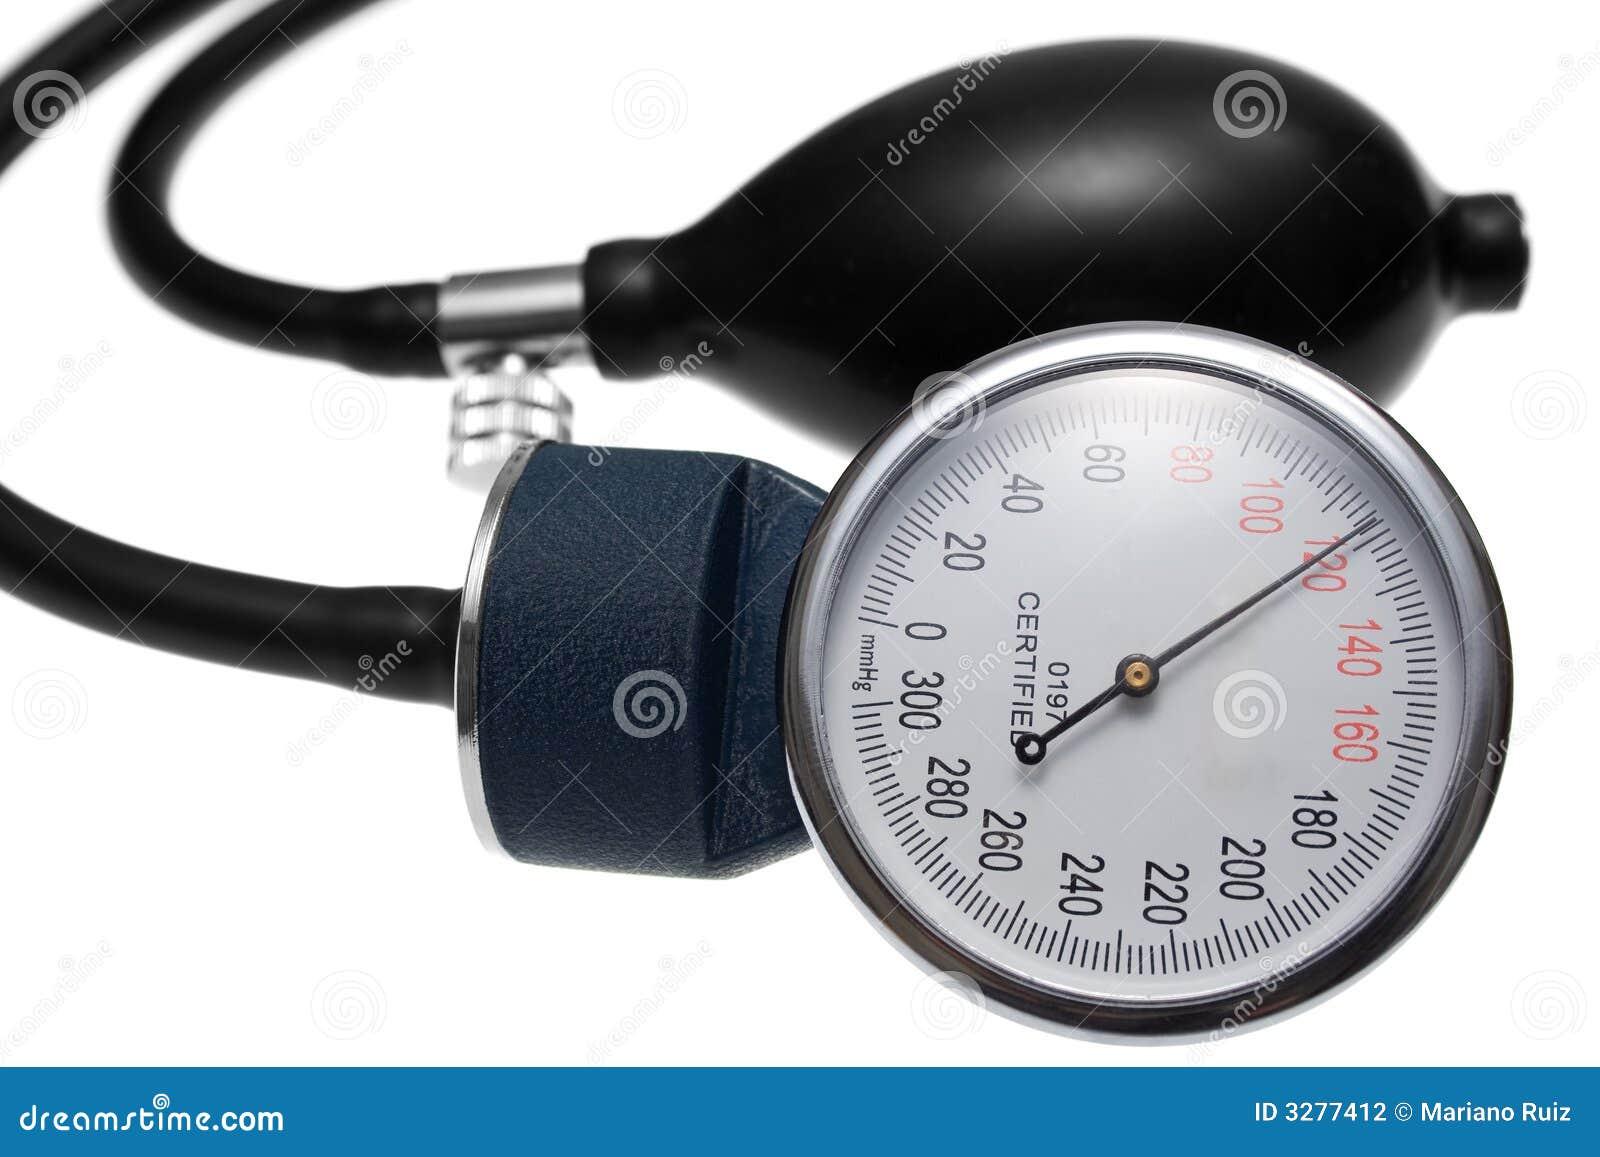 Indicateur de pression et compresseur